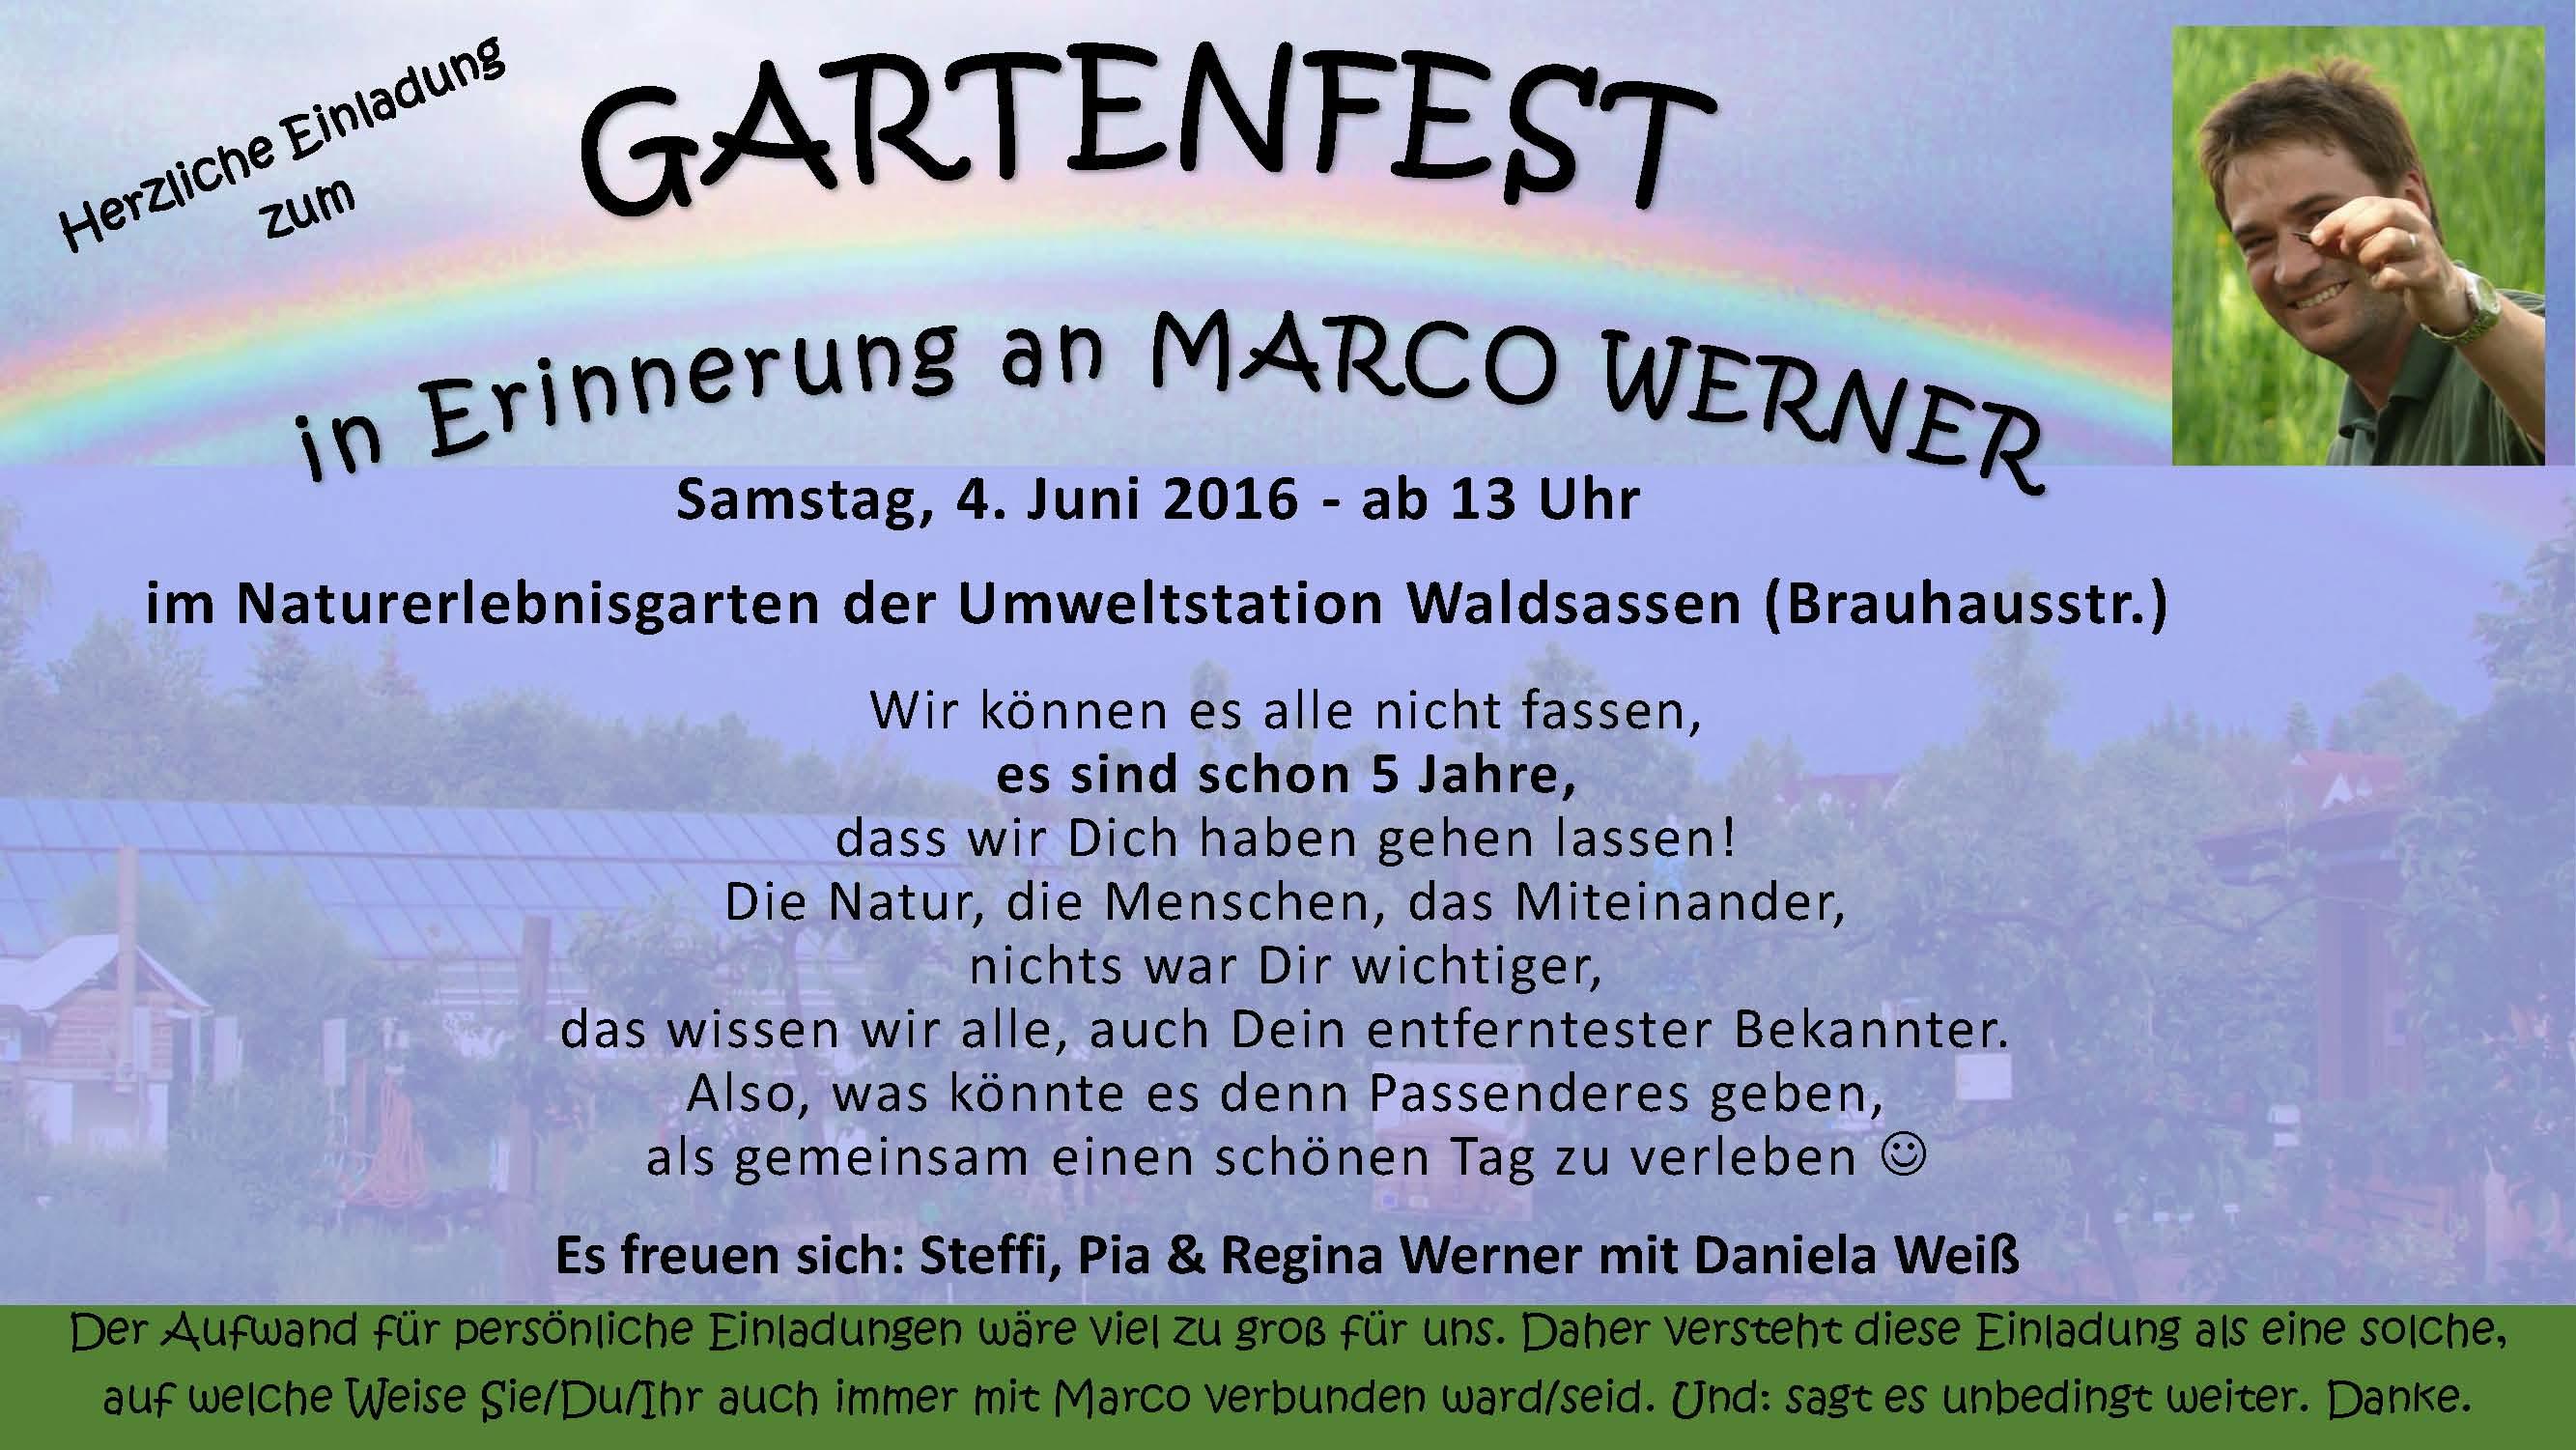 einladung zum gartenfest in erinnerung an marco werner, Einladung